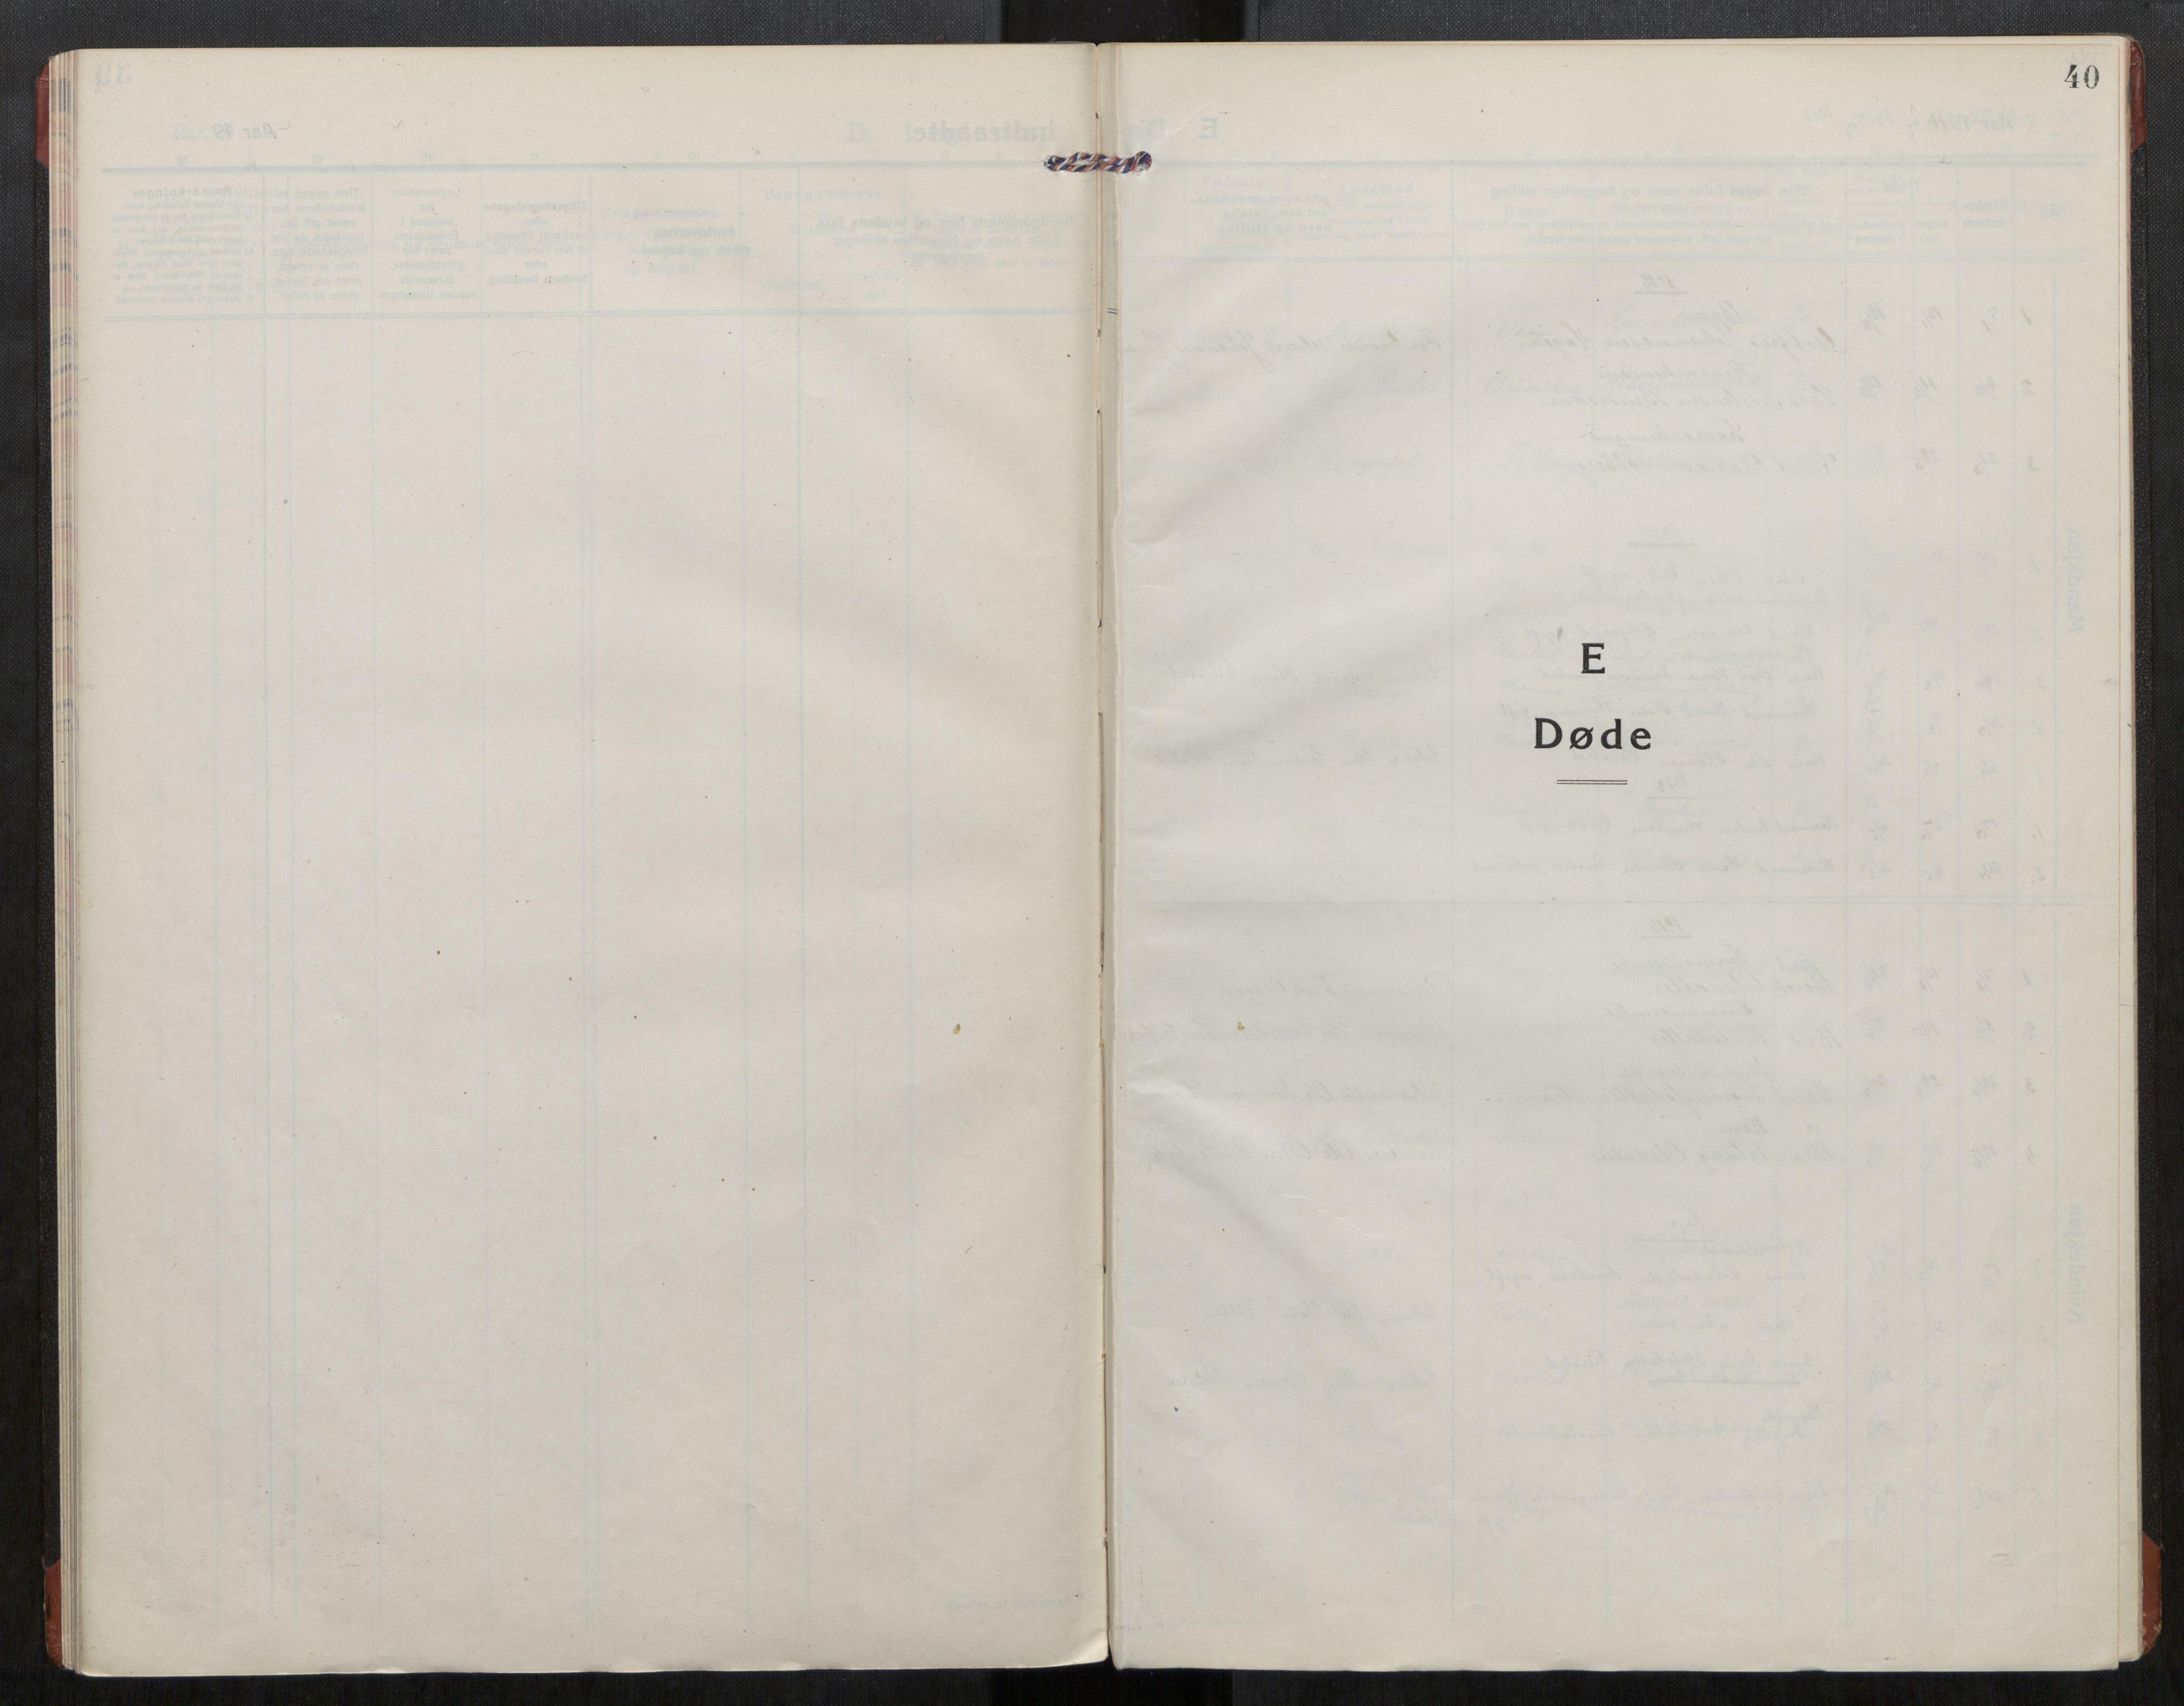 SAT, Grytten sokneprestkontor, Parish register (official) no. 550A02, 1916-1931, p. 40